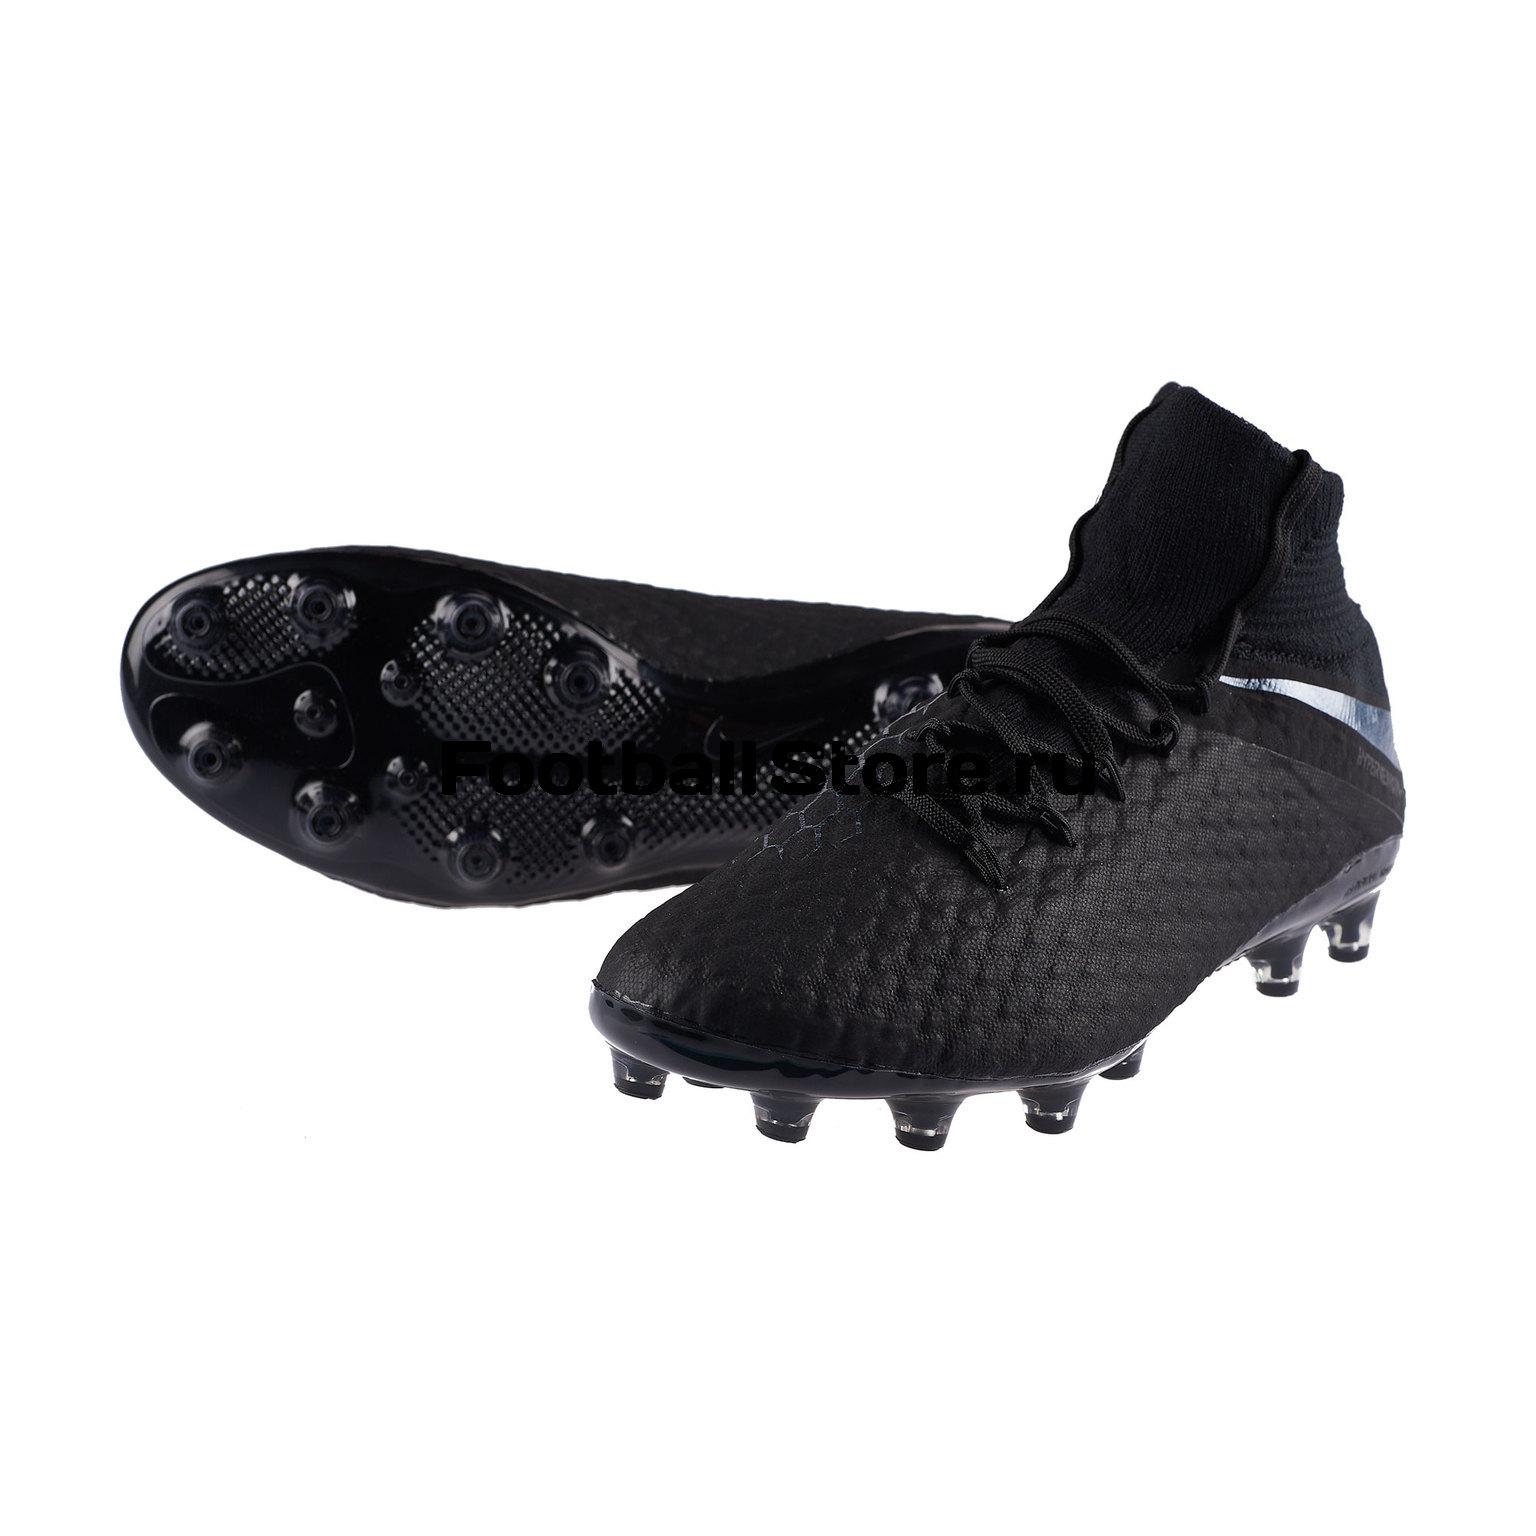 Бутсы Nike Hypervenom 3 Pro DF AG-Pro AO4541-001 бутсы nike 10 mercurial victory ag 651617 800